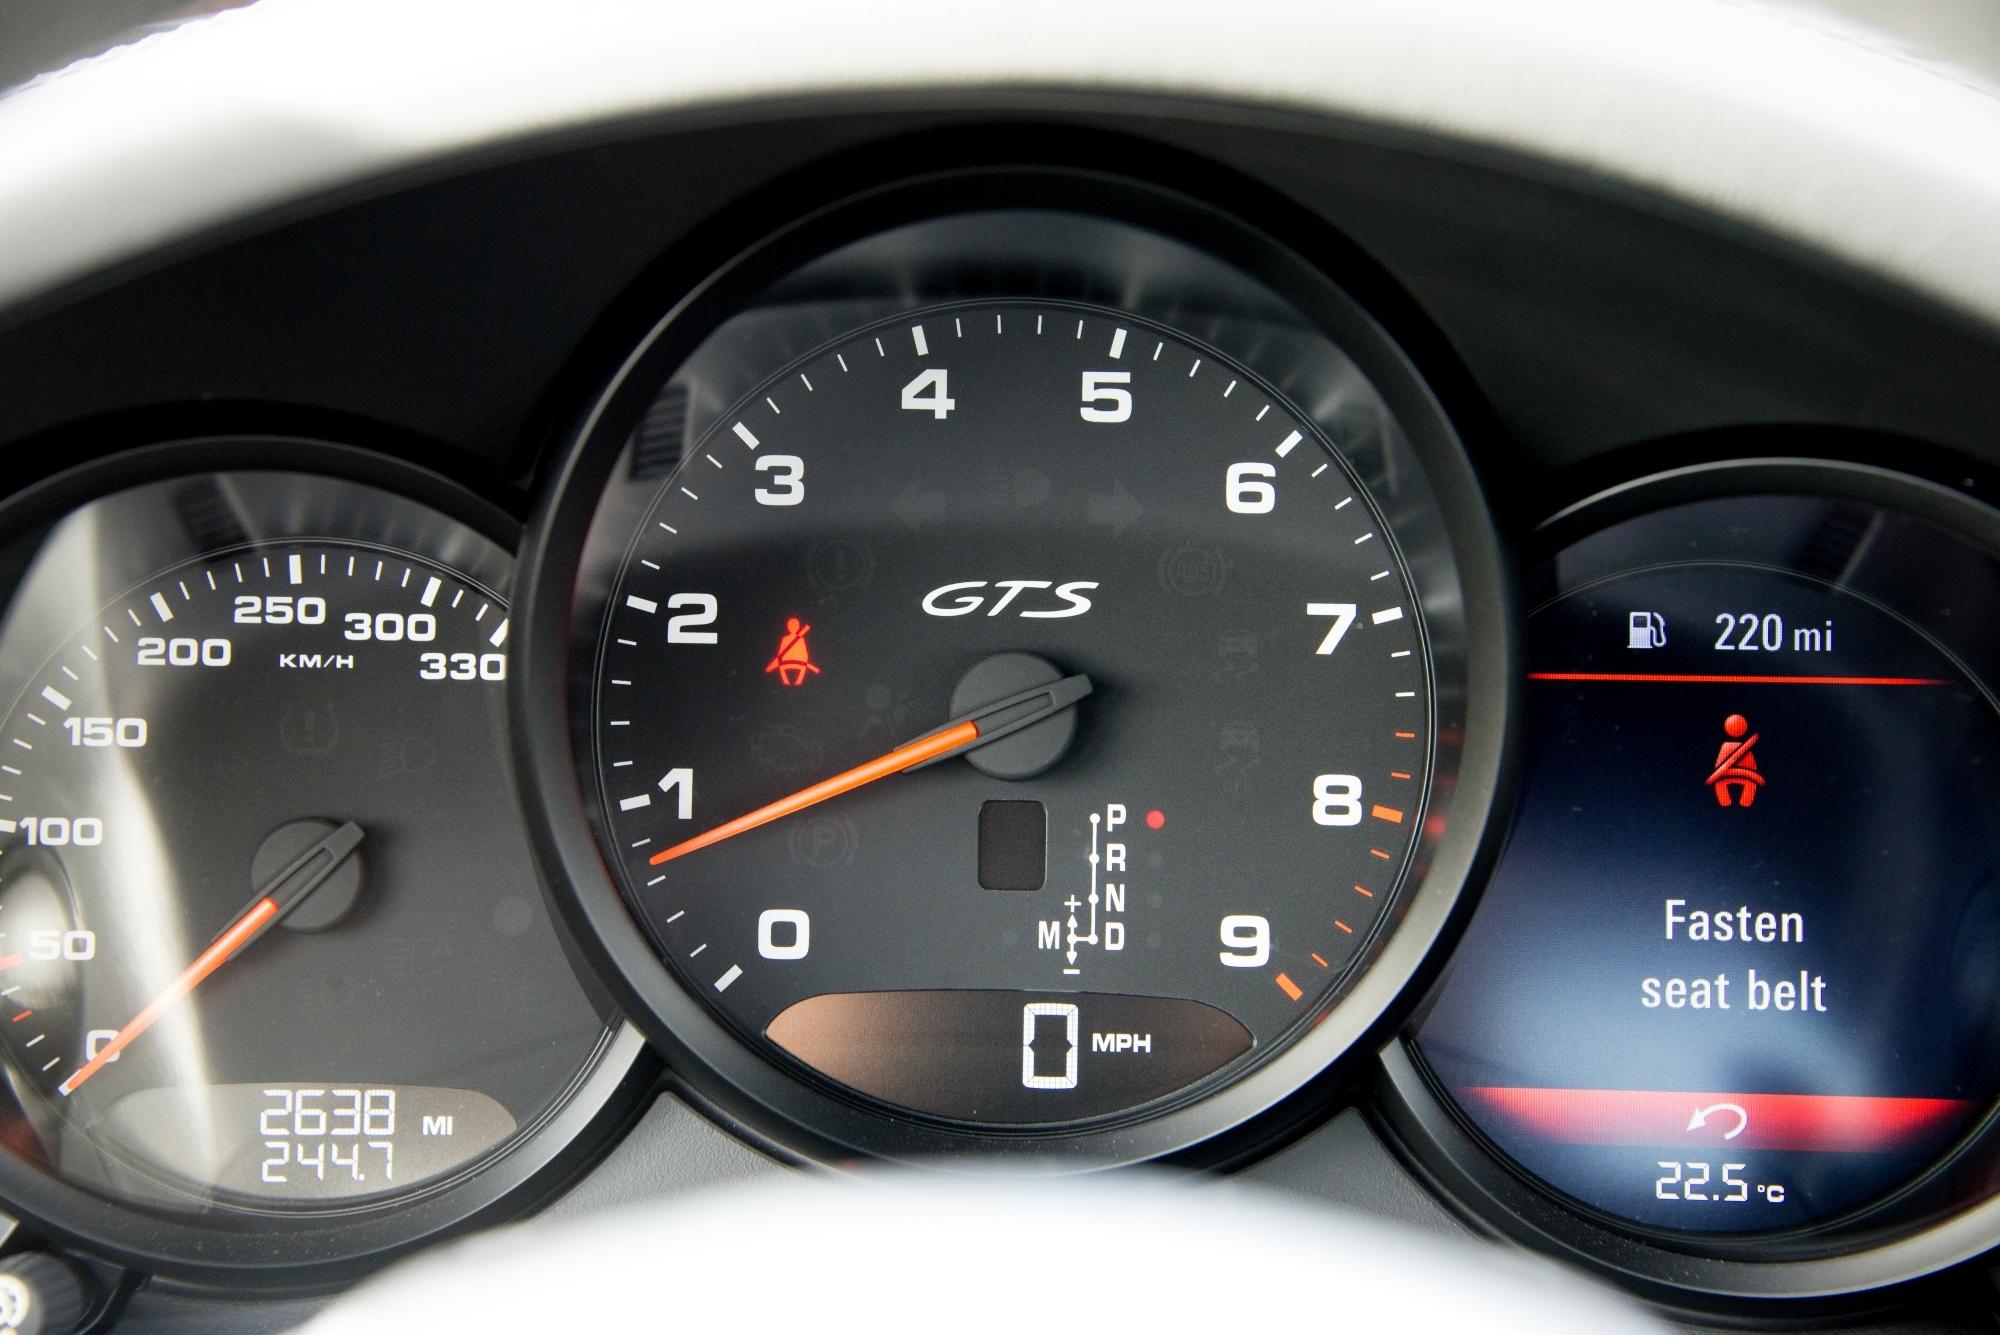 2015 Porsche 911 Carrera GTS 3.8L Flat-6 430HP 3,185 LBS $115K-$125K